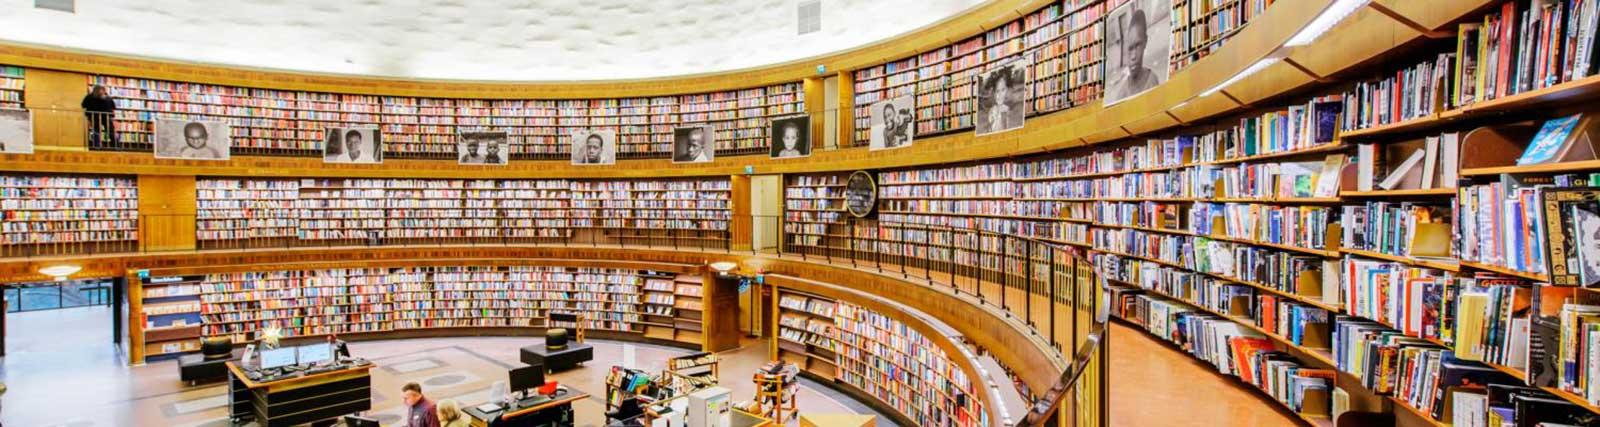 کتابخانه دانشگاه استکهلم